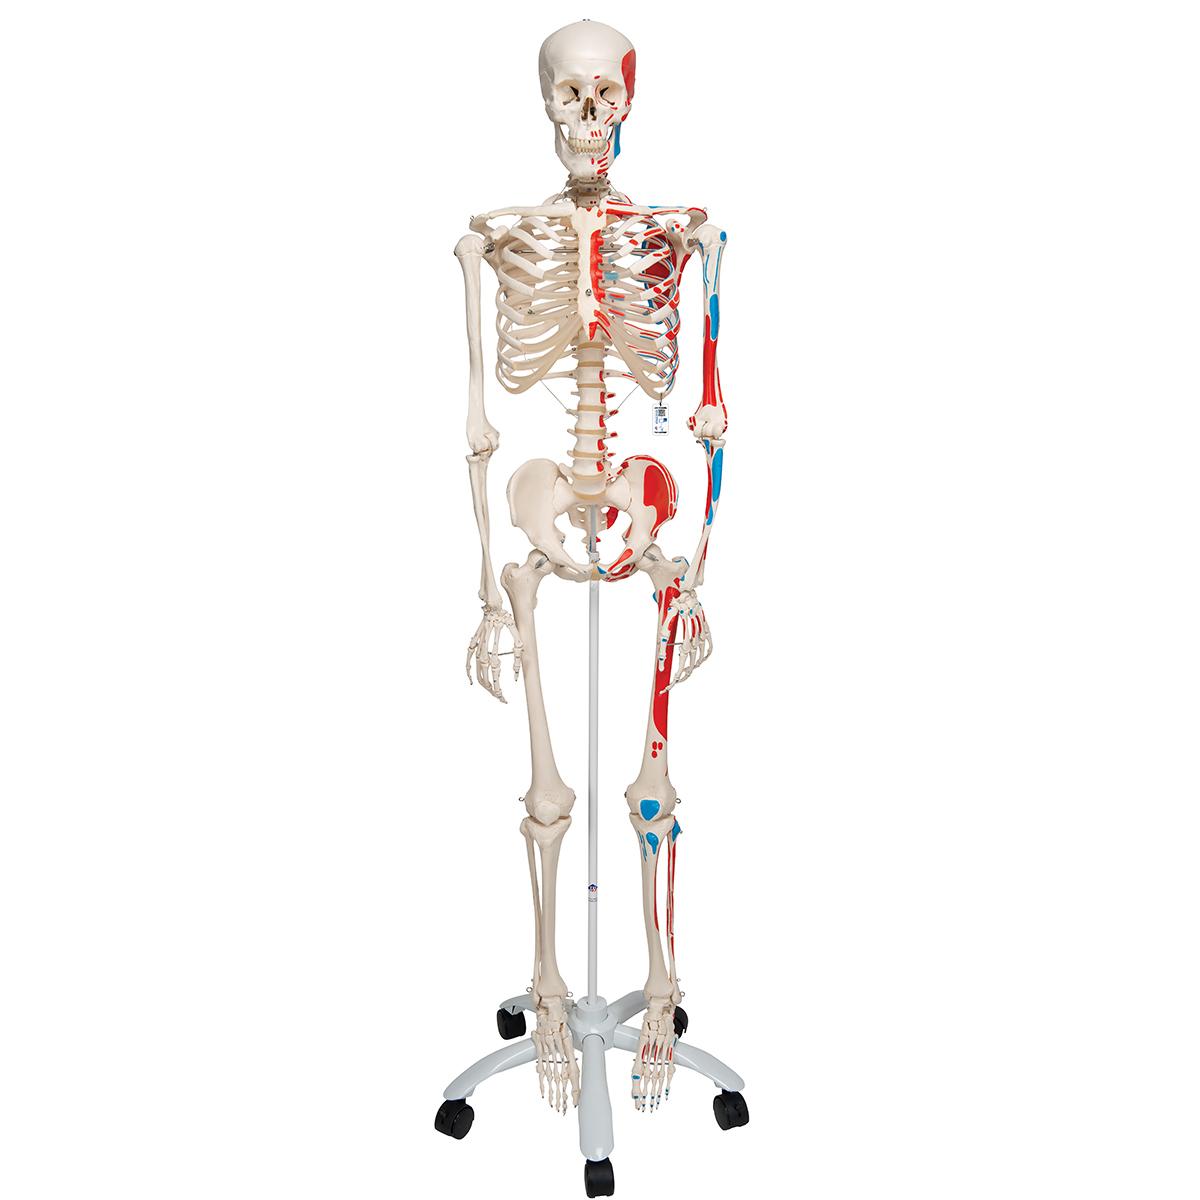 Human Skeleton Model Max Human Anatomical Skeleton Painted Muscles